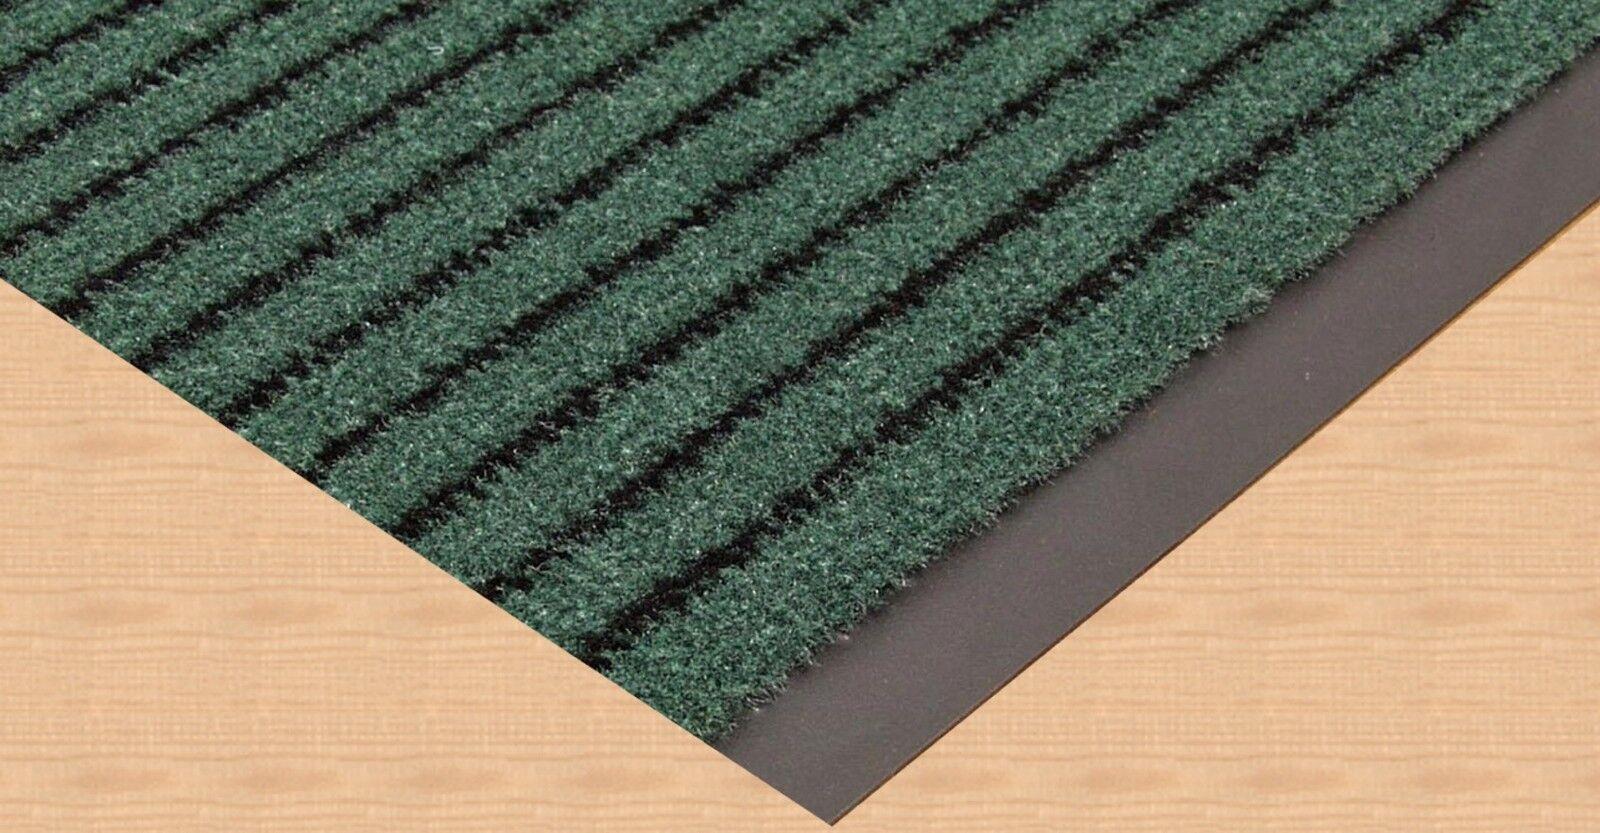 Schmutzfangläufer Entree Sauberlaufmatte grün 120cm DEKOWE Fußmatte Fußmatte Fußmatte Türmatte d674a7